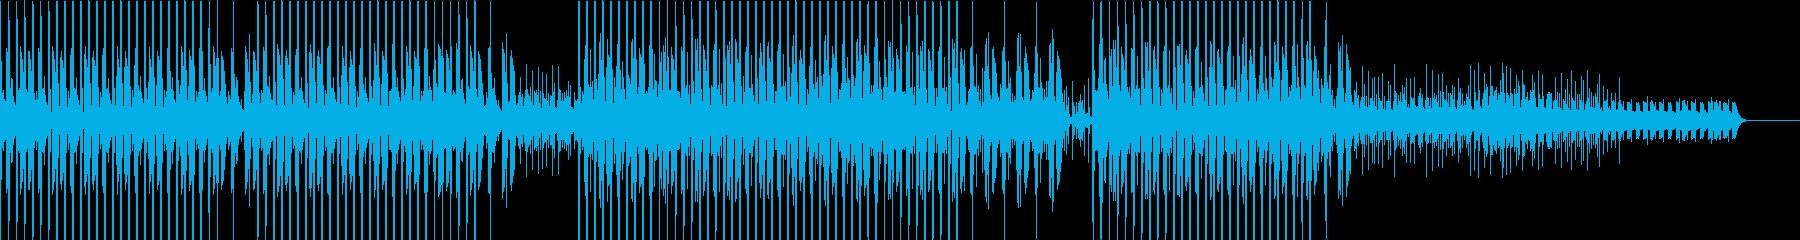 お洒落でゆったりとしたダブテクノの再生済みの波形